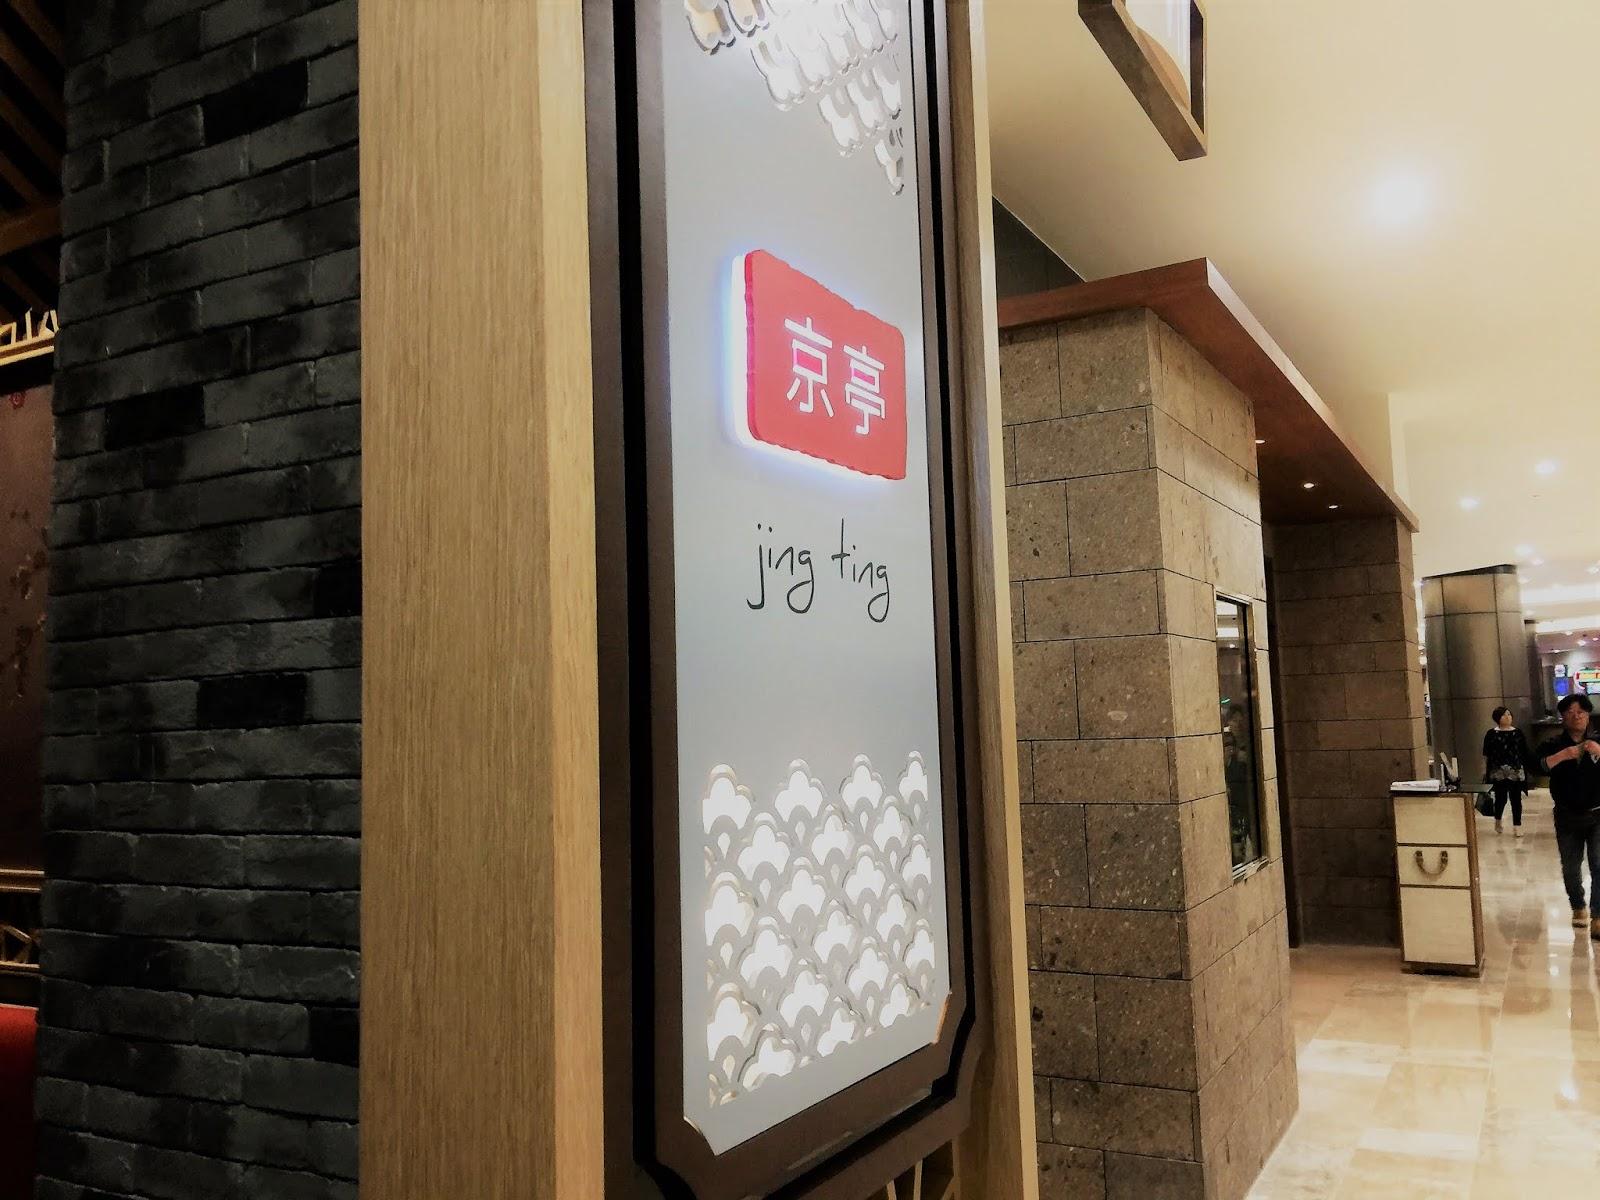 Jing Ting Signage